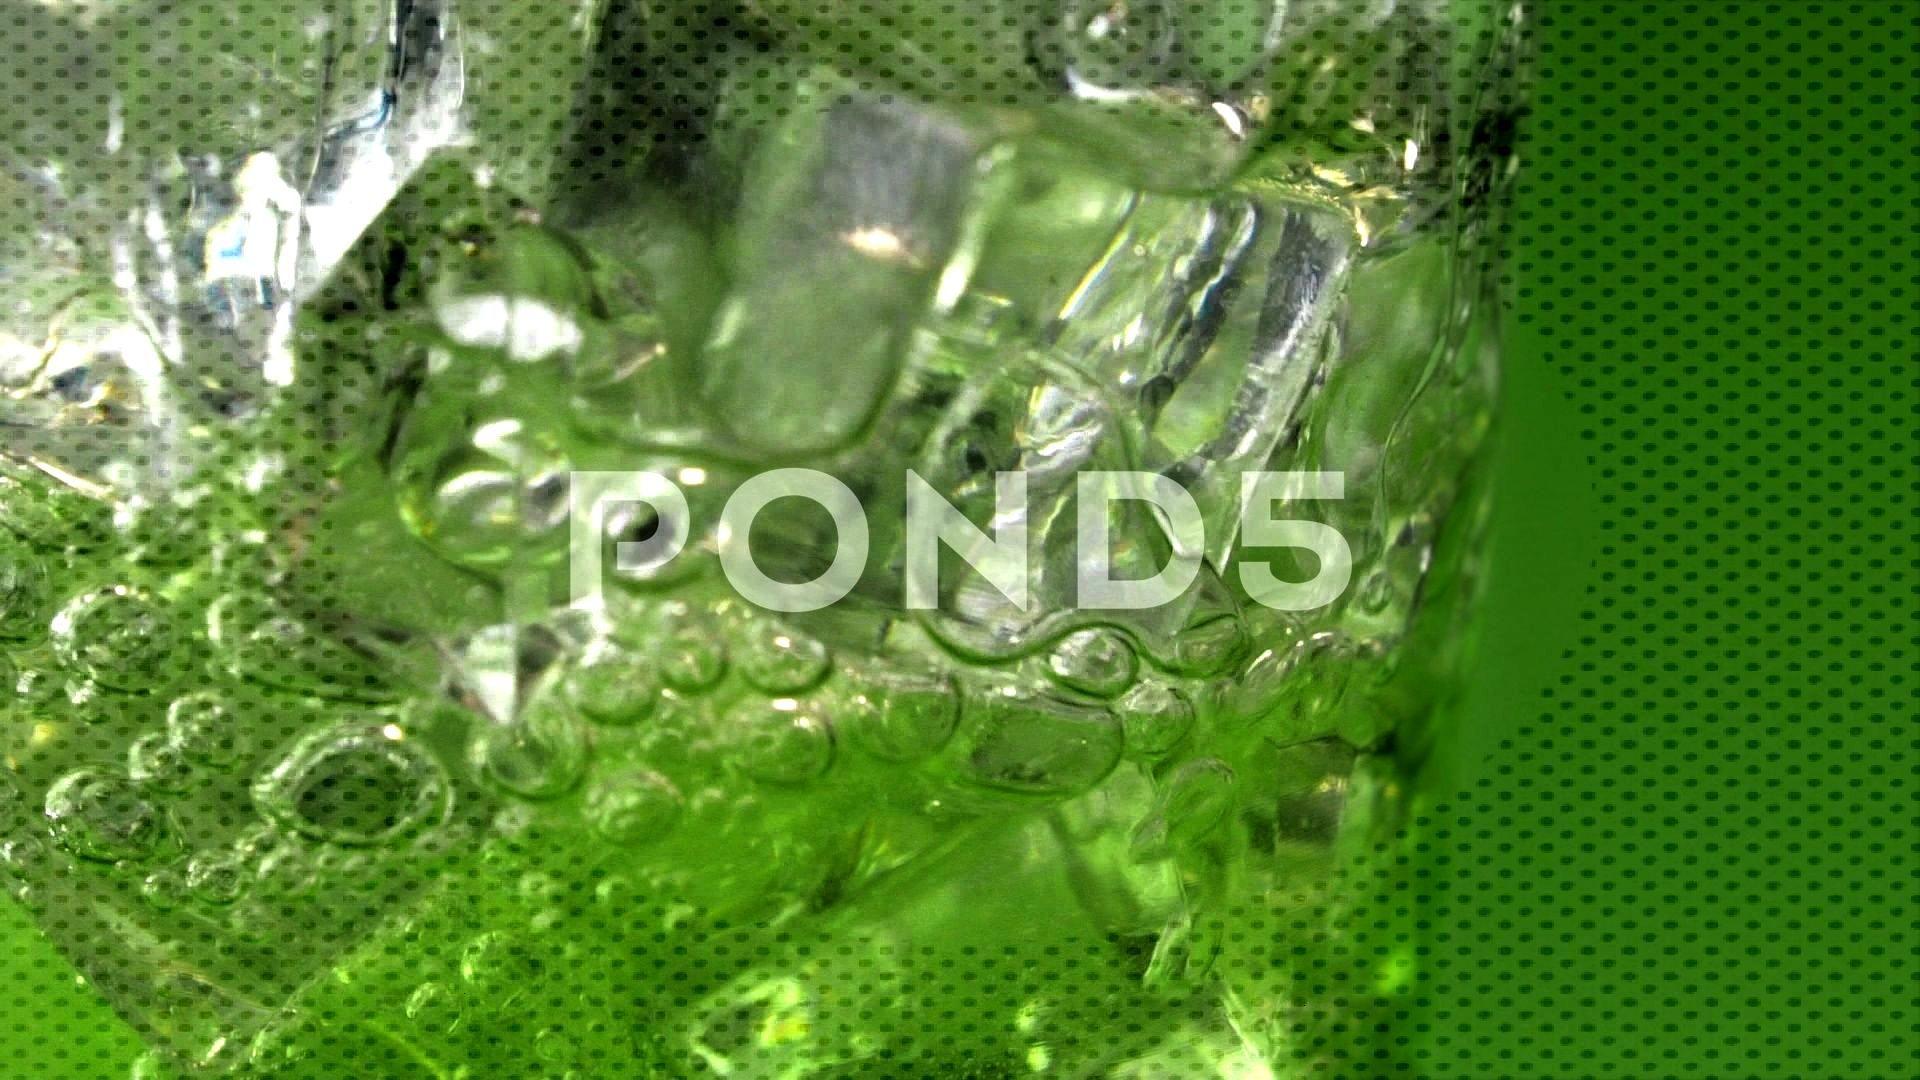 Refreshing Lemon Lime Soda Pour on Green Stock Footage ,#Lime#Soda#Refreshing#Lemon